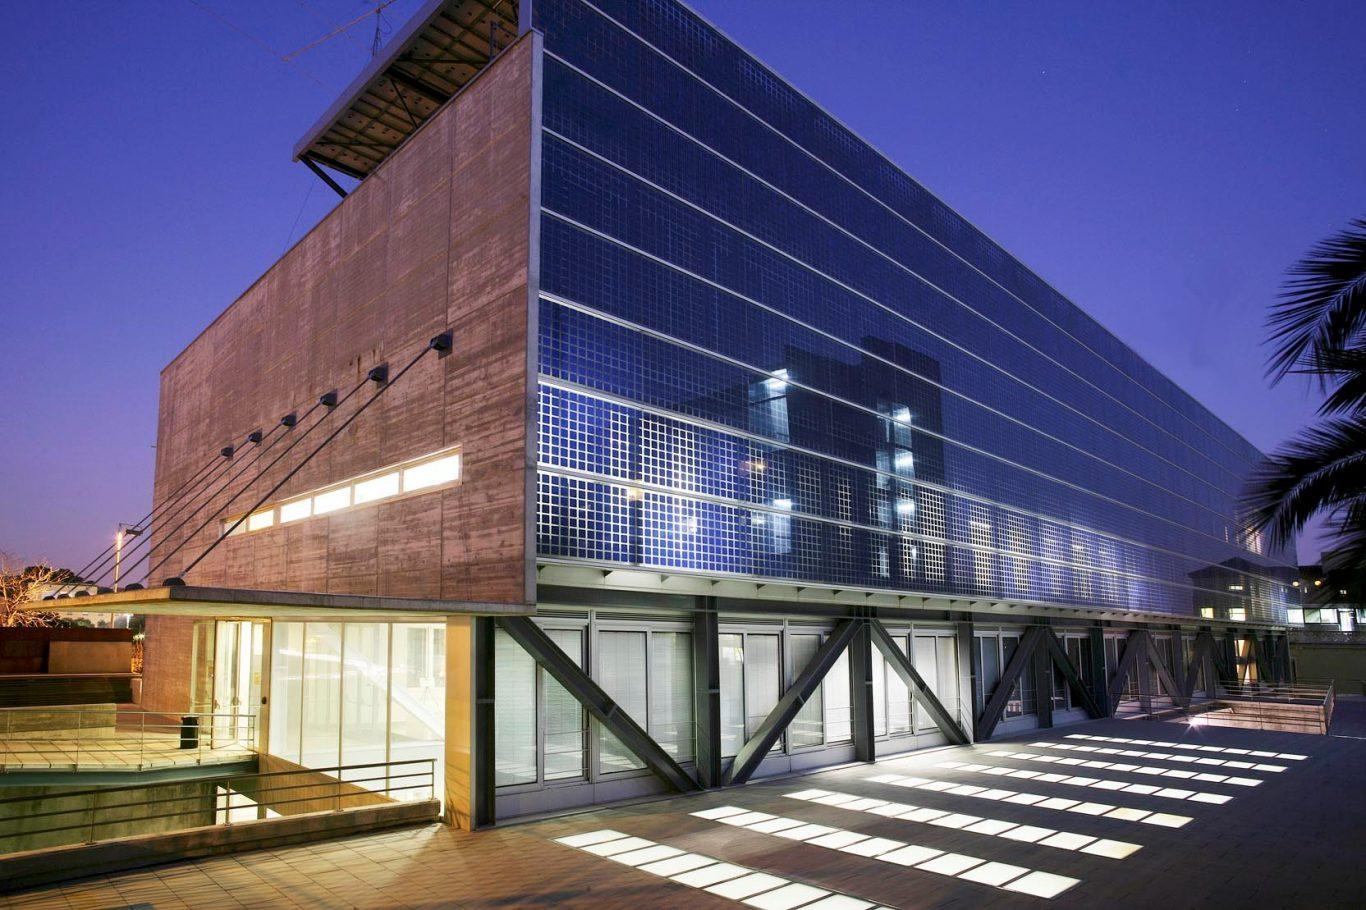 Universidad La salle Barcelona VolkGames